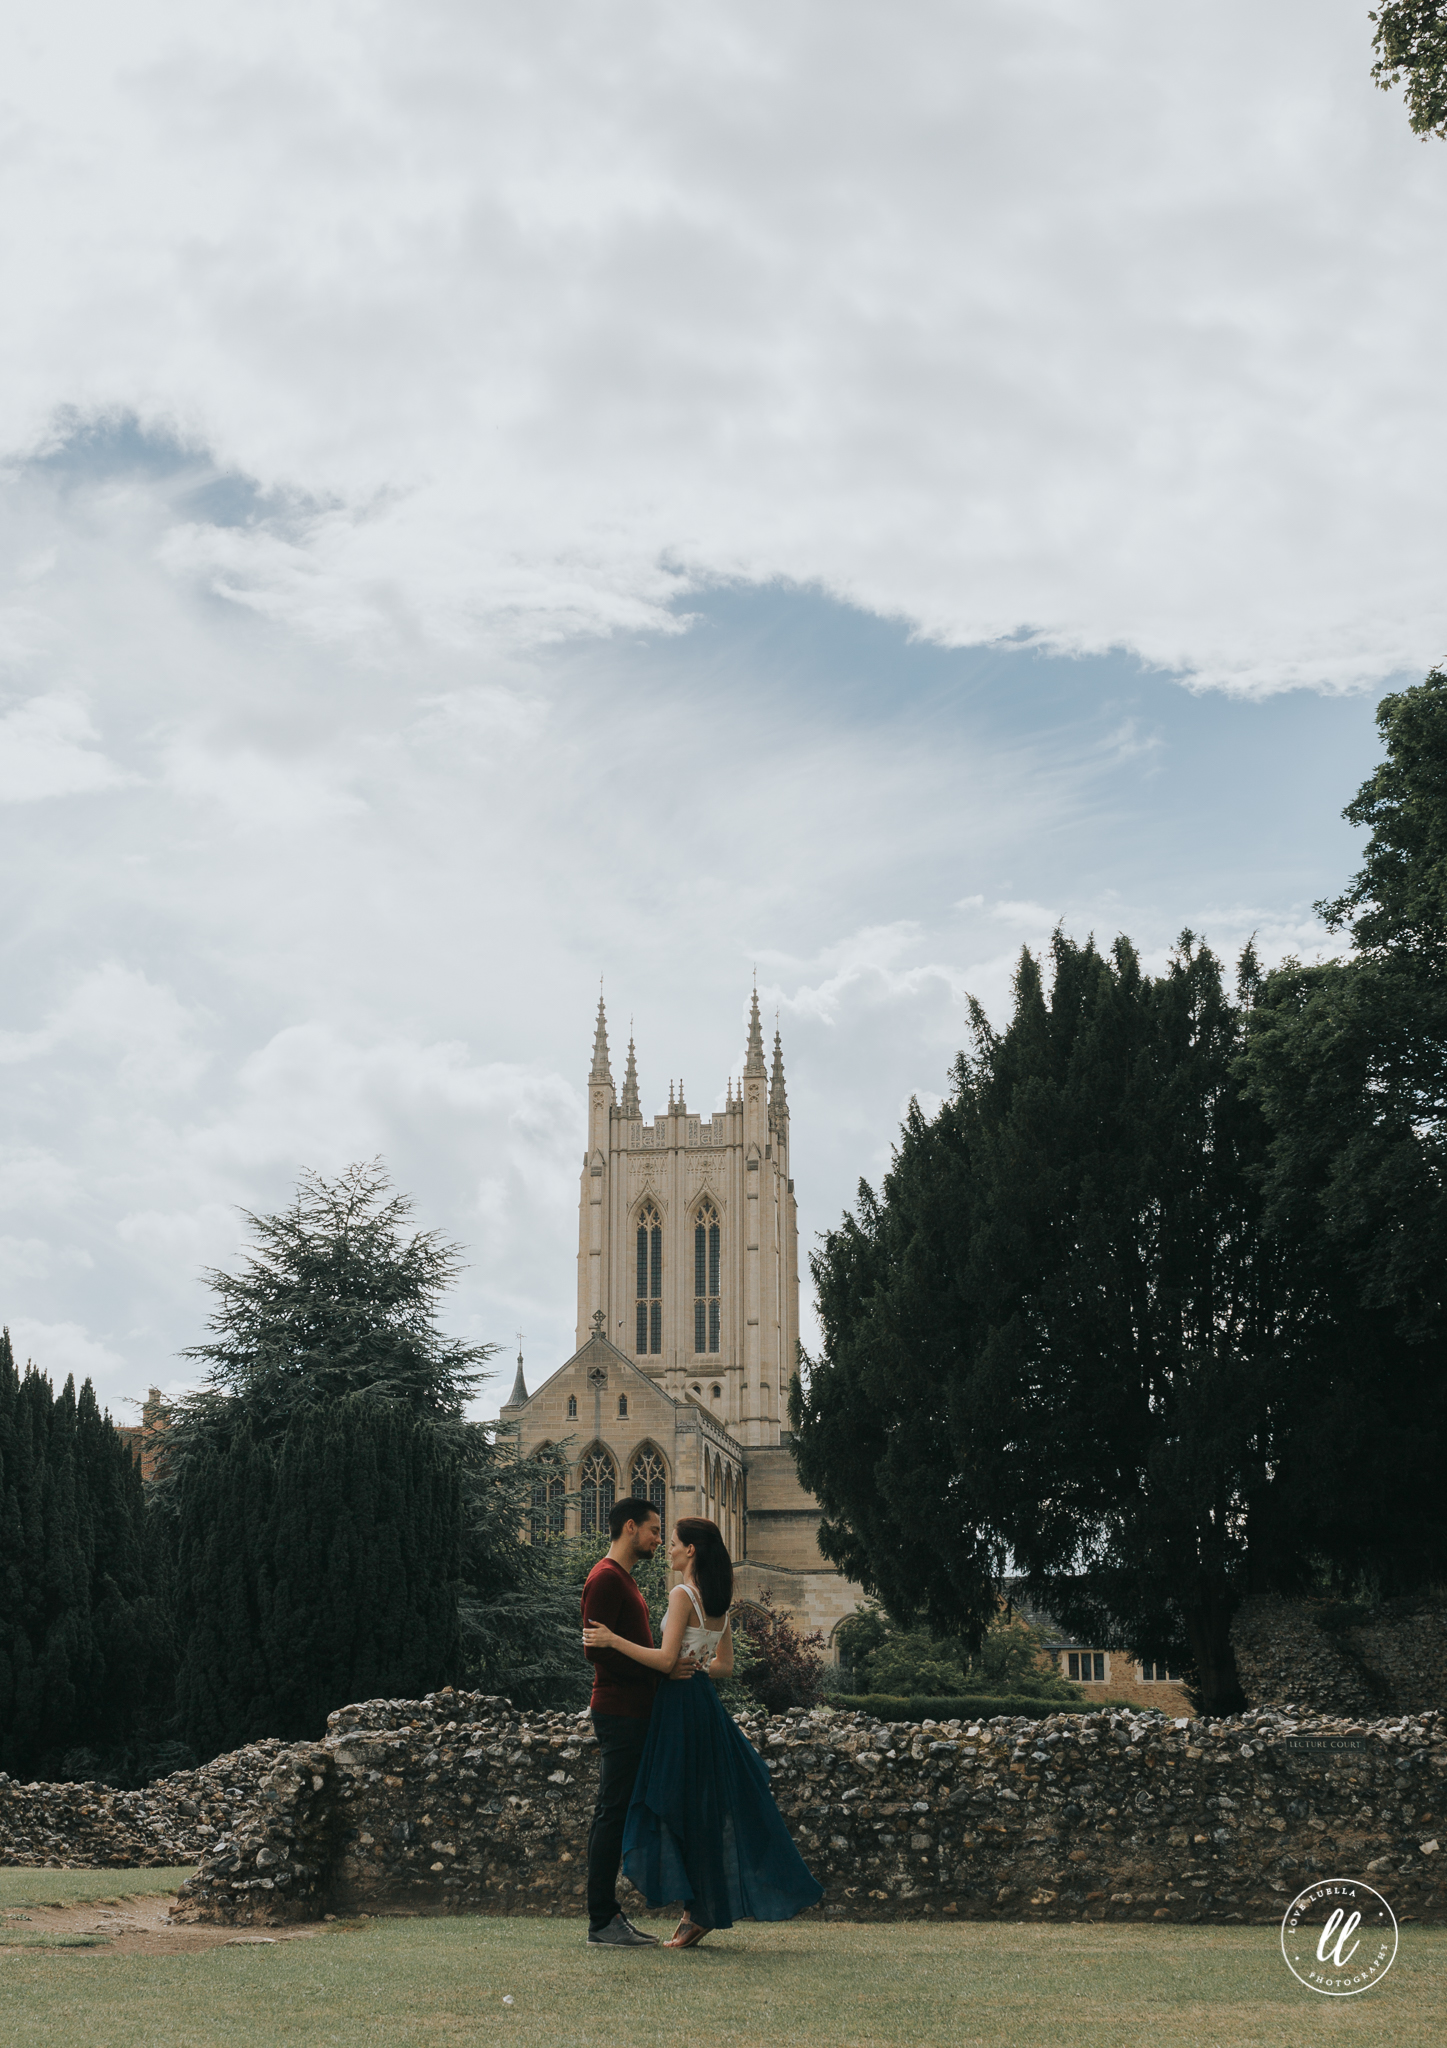 abbey-garden-e-shoot-st-edmunds-wm-14.jpg